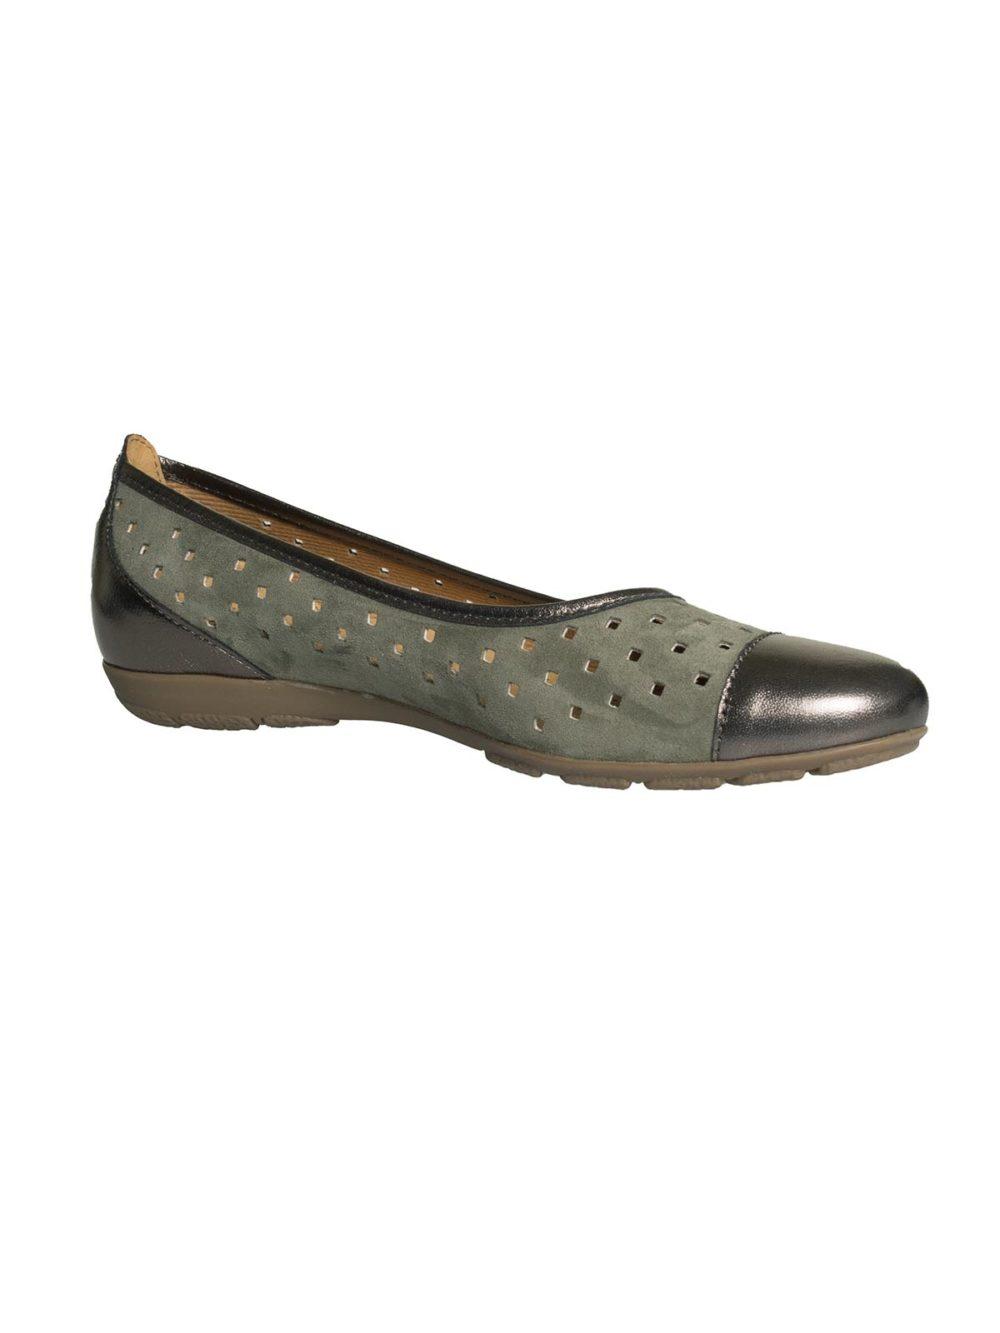 Ruffle Shoe Gabor Katie Kerr Women's Clothing